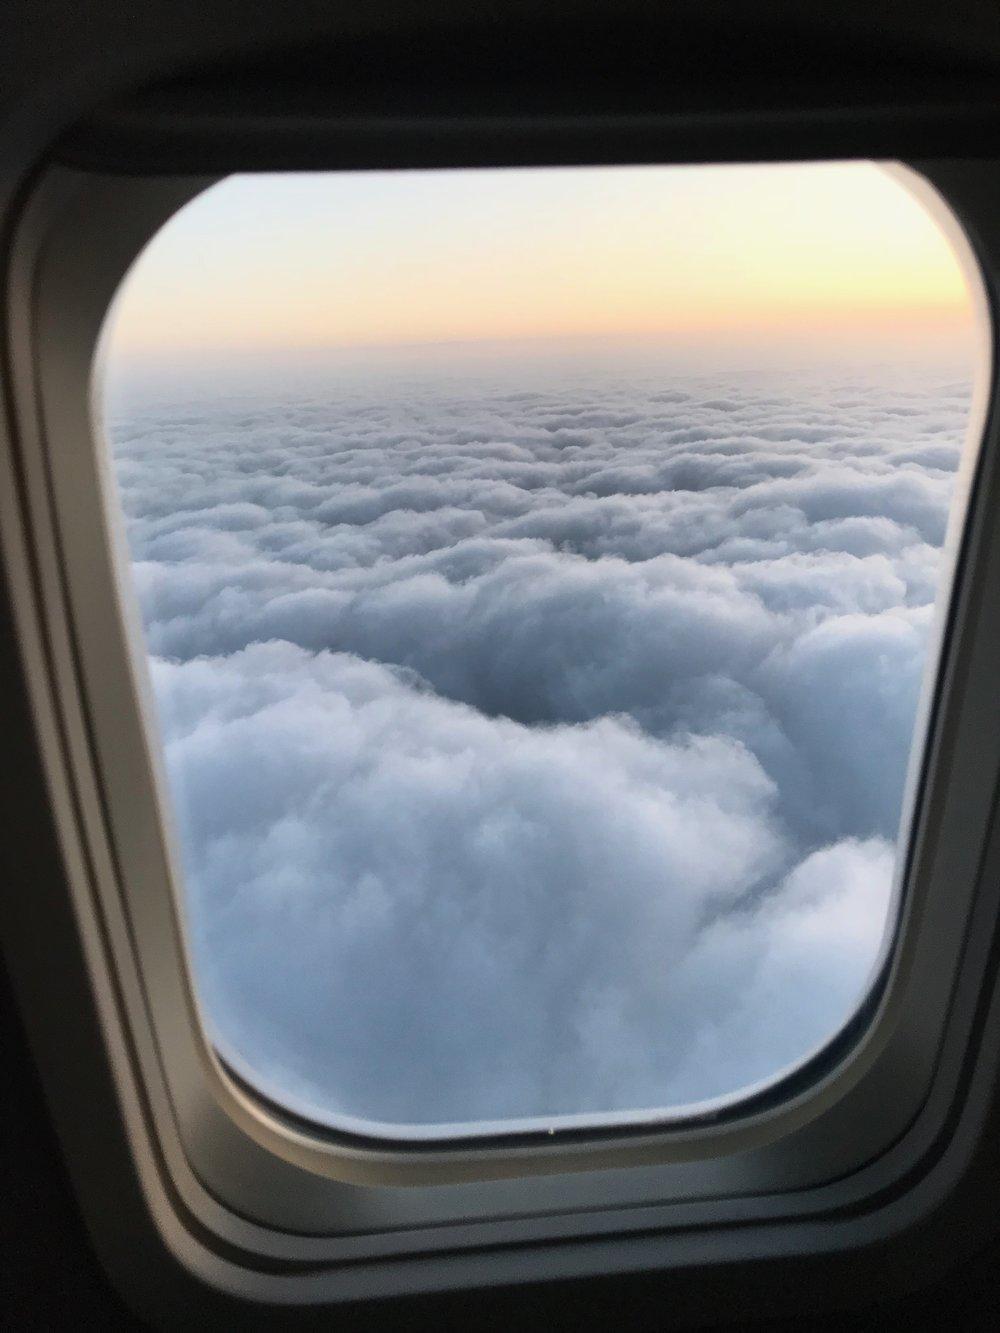 Bruk gjerne flyvinduet som innramming. Foto: Odd Roar Lange